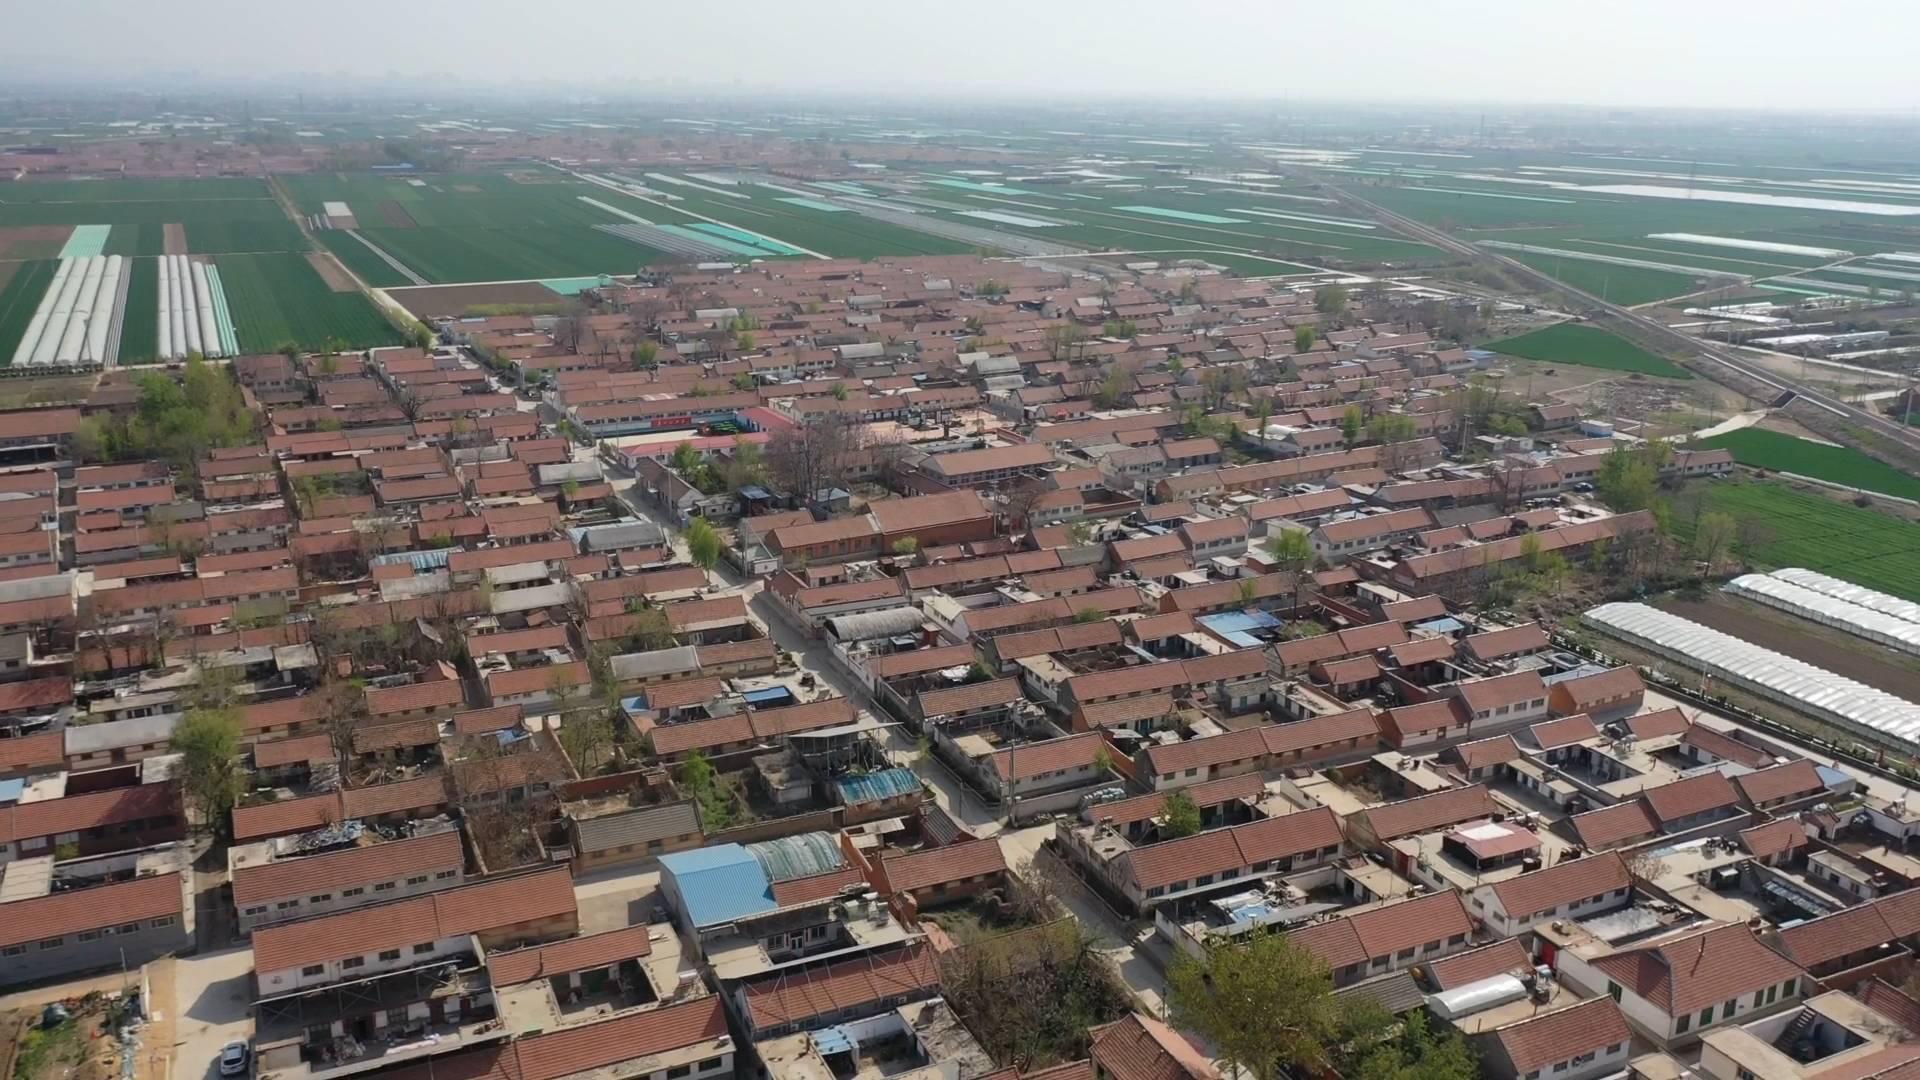 公益专岗、学费减免......莱州永盛埠村从负债47万蜕变为脱贫致富示范村